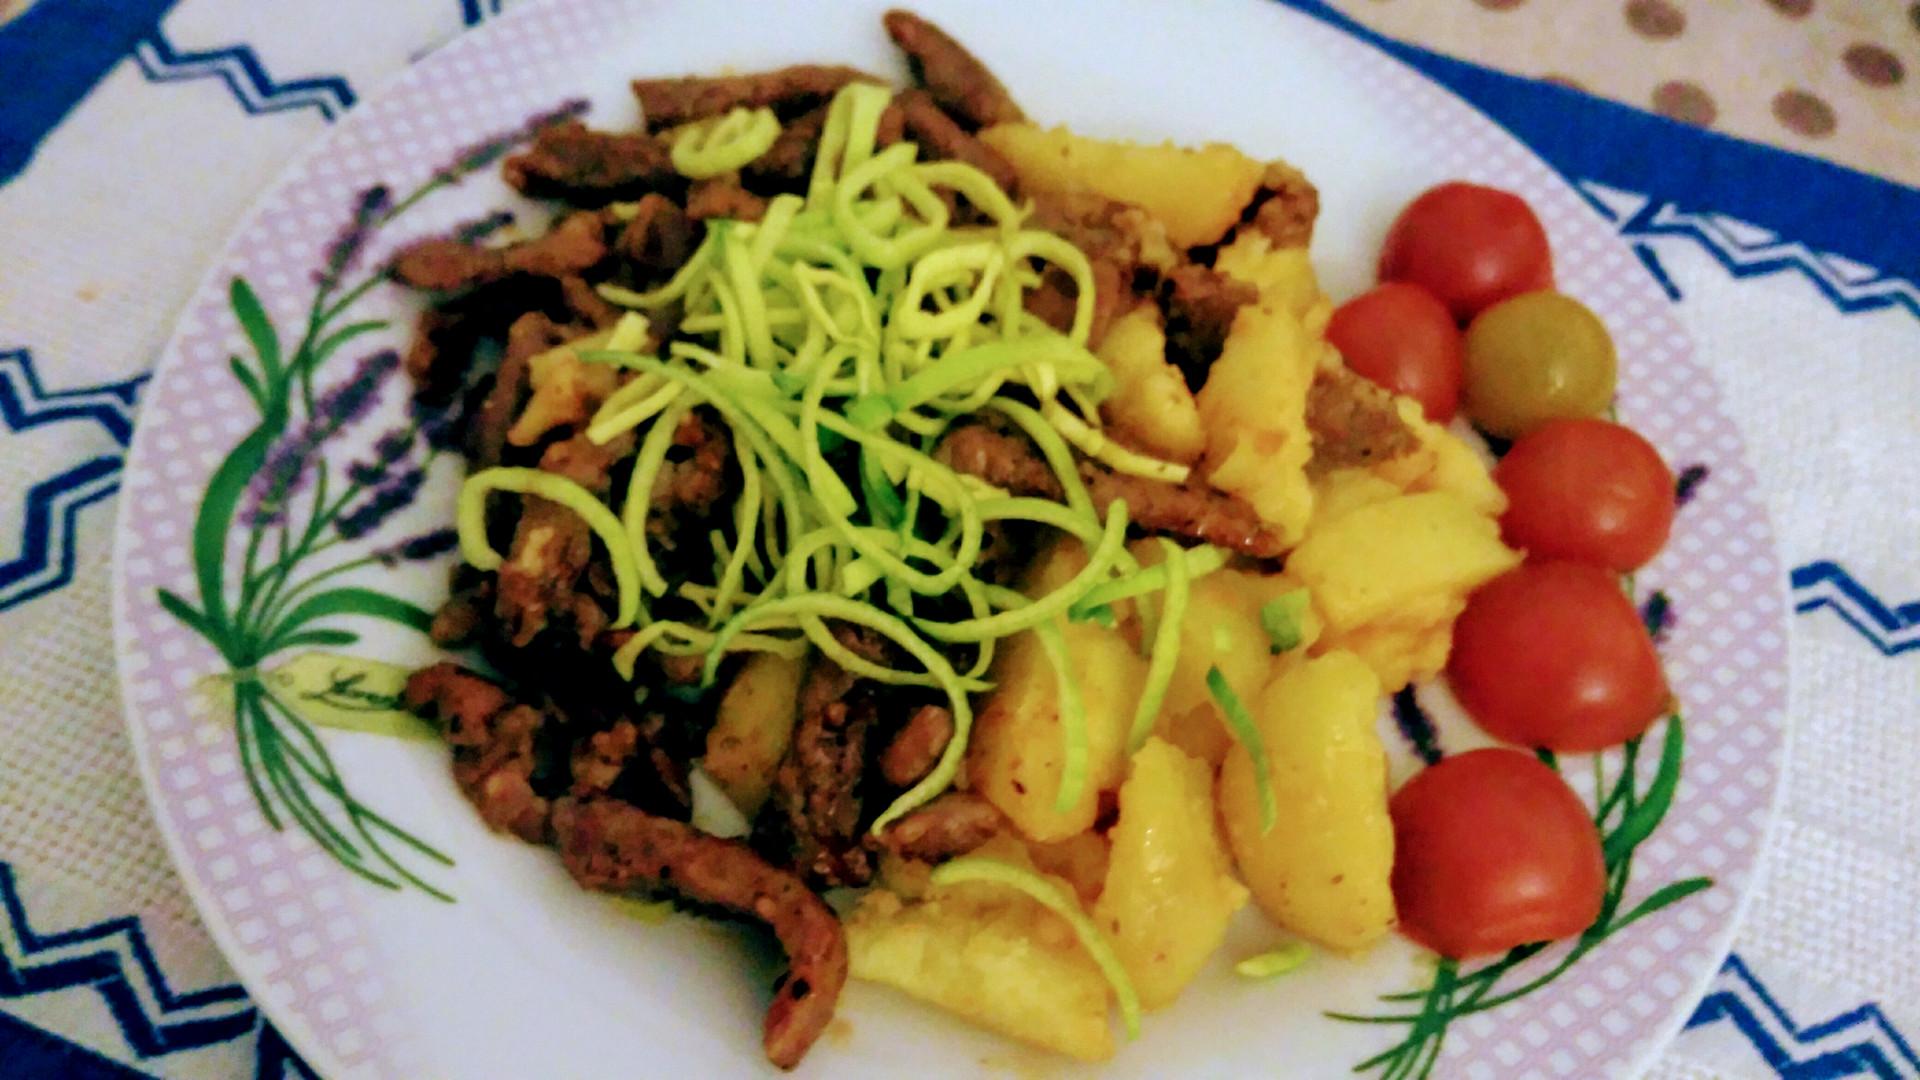 Rychlé a snadné vepřové nudličky - fofr večeře